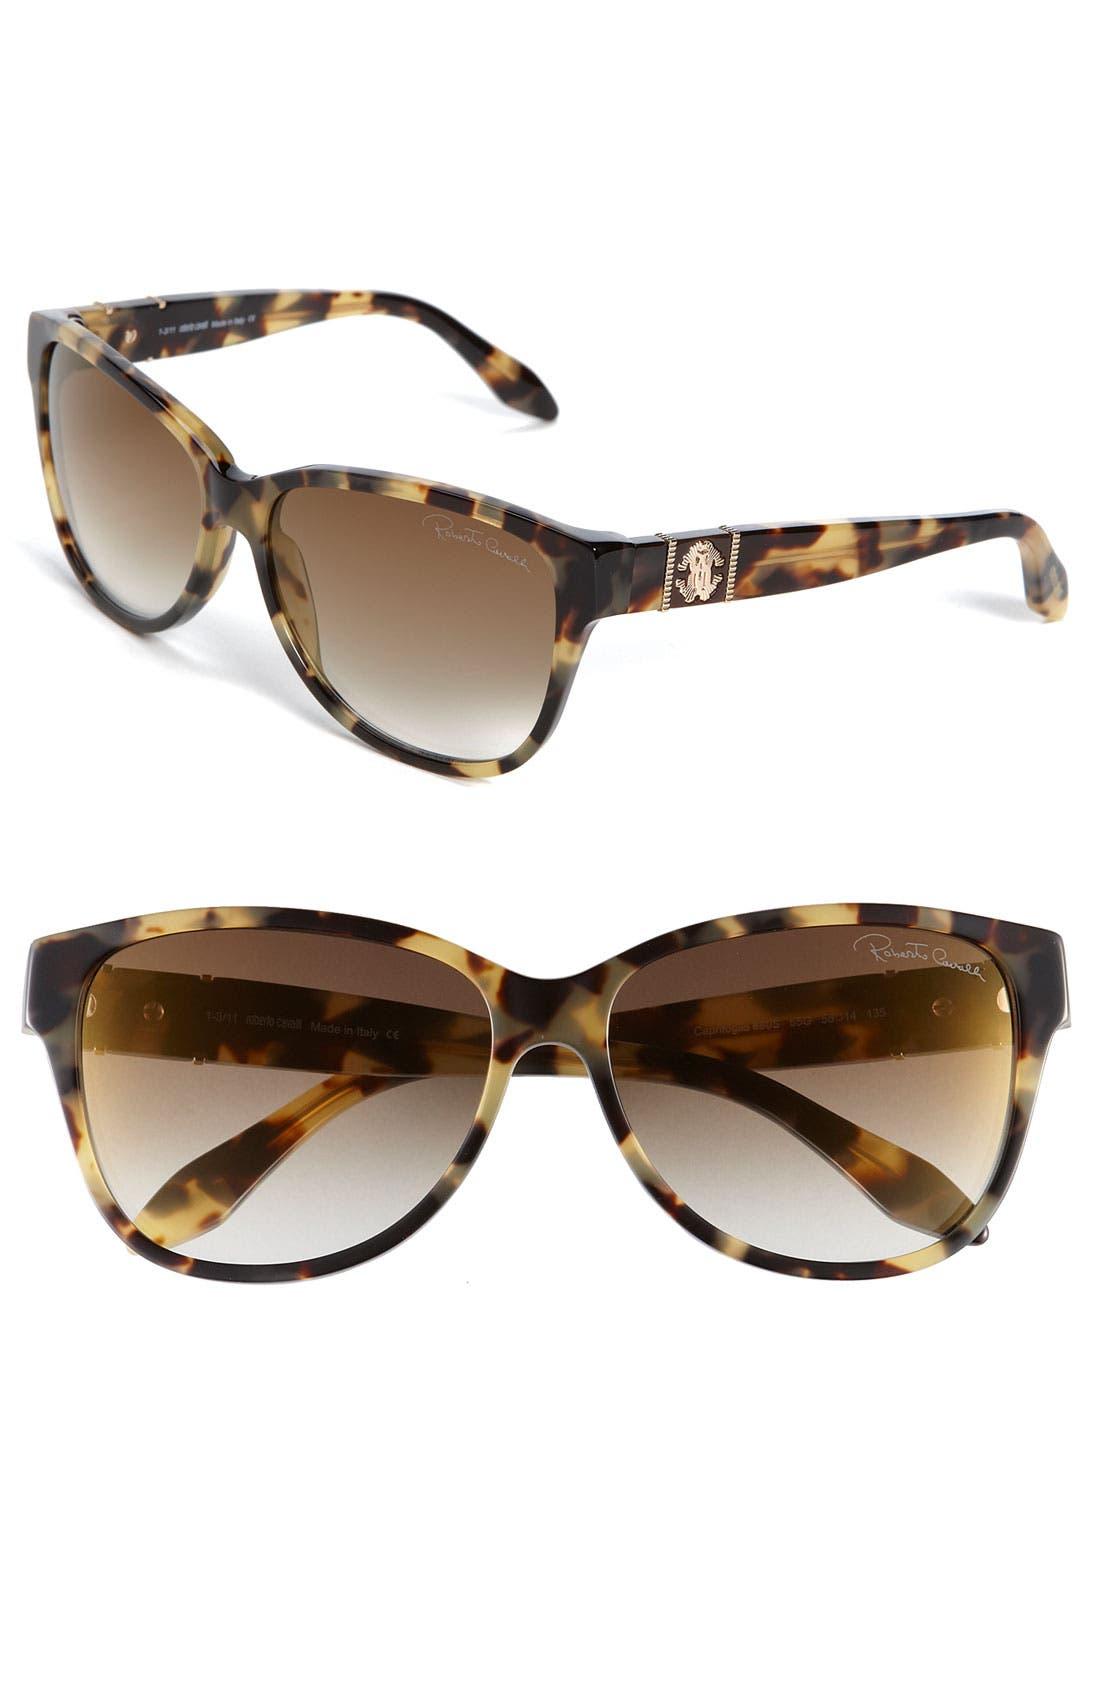 Main Image - Roberto Cavalli Cat's Eye Sunglasses